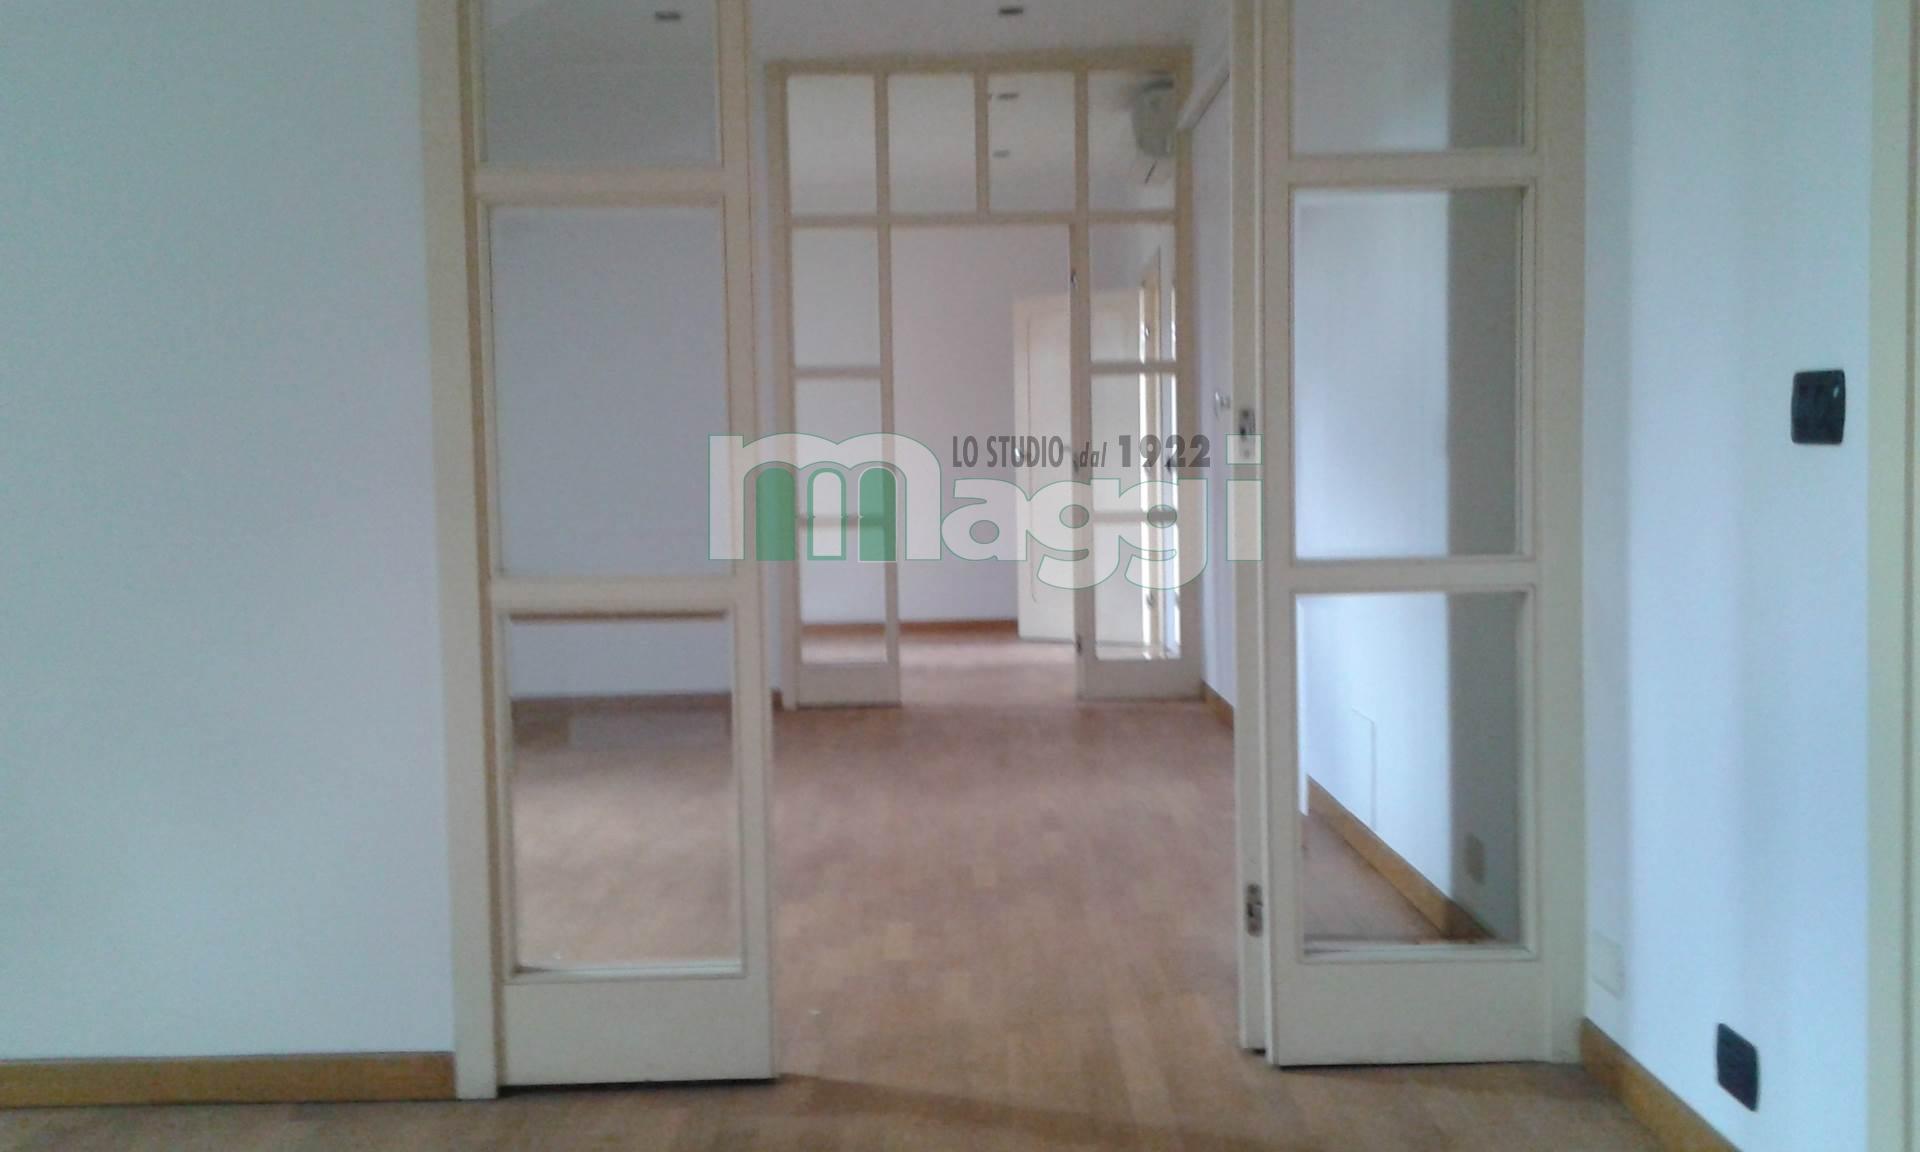 Appartamento in vendita a Milano, 3 locali, zona Località: Cadorna, prezzo € 545.000 | Cambio Casa.it